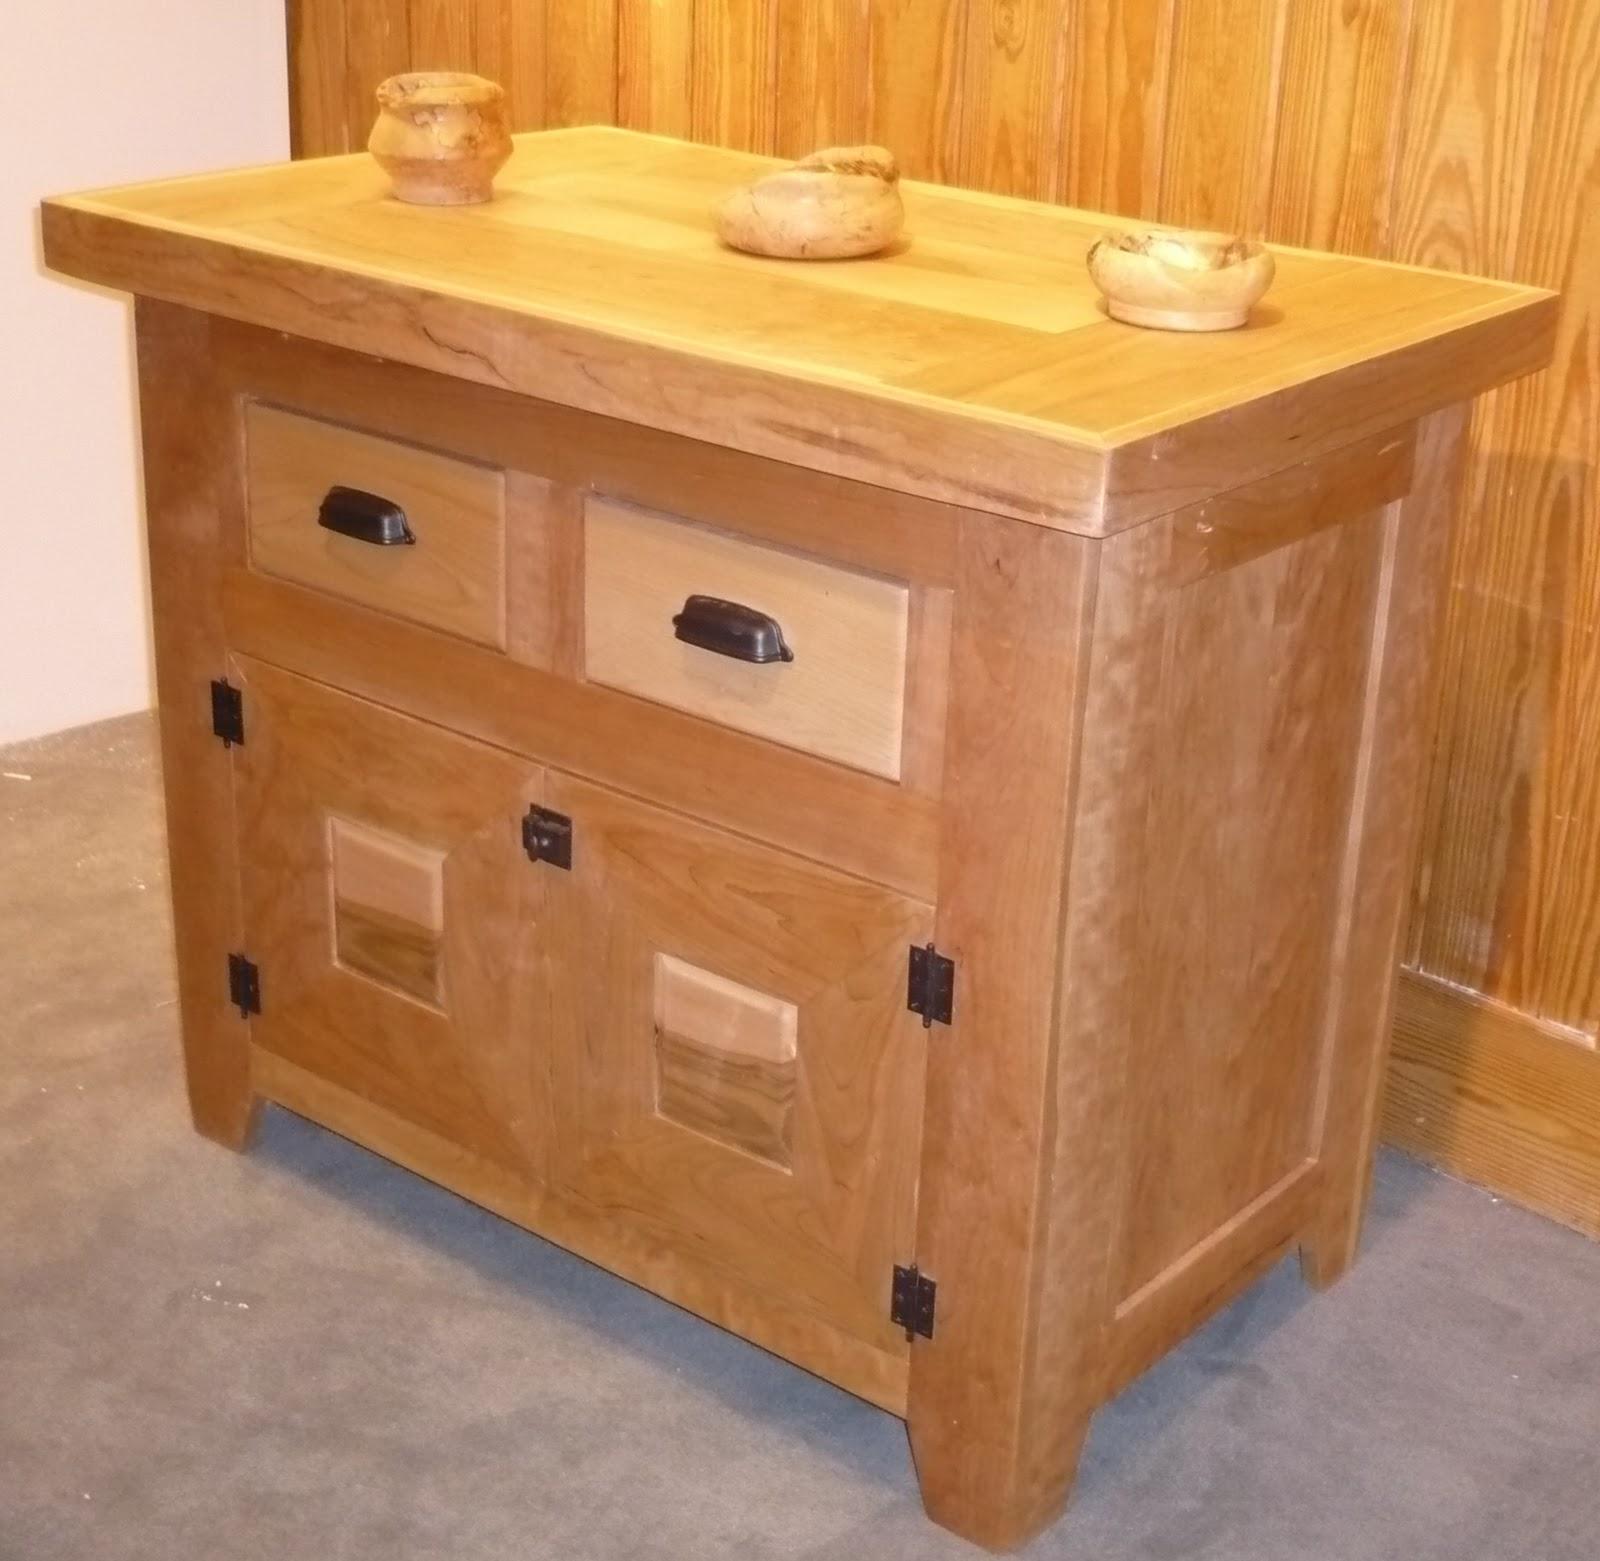 Handmade Wooden Furniture Antique Wooden Furniture Wooden Bedroom ...